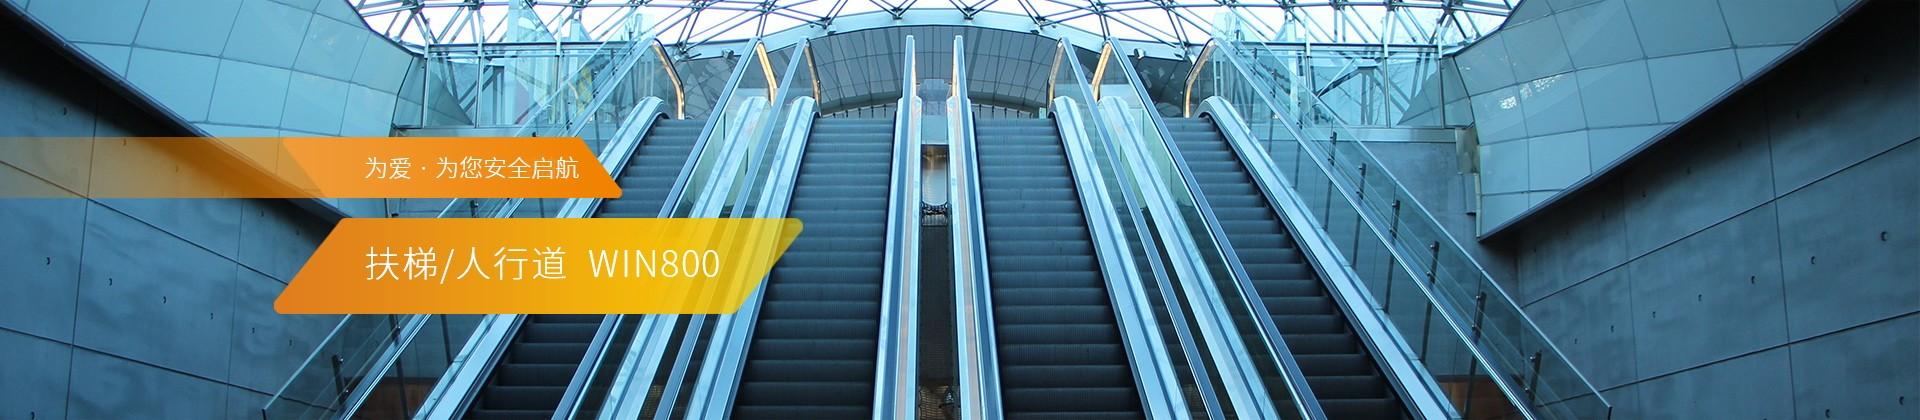 扶梯/人行道